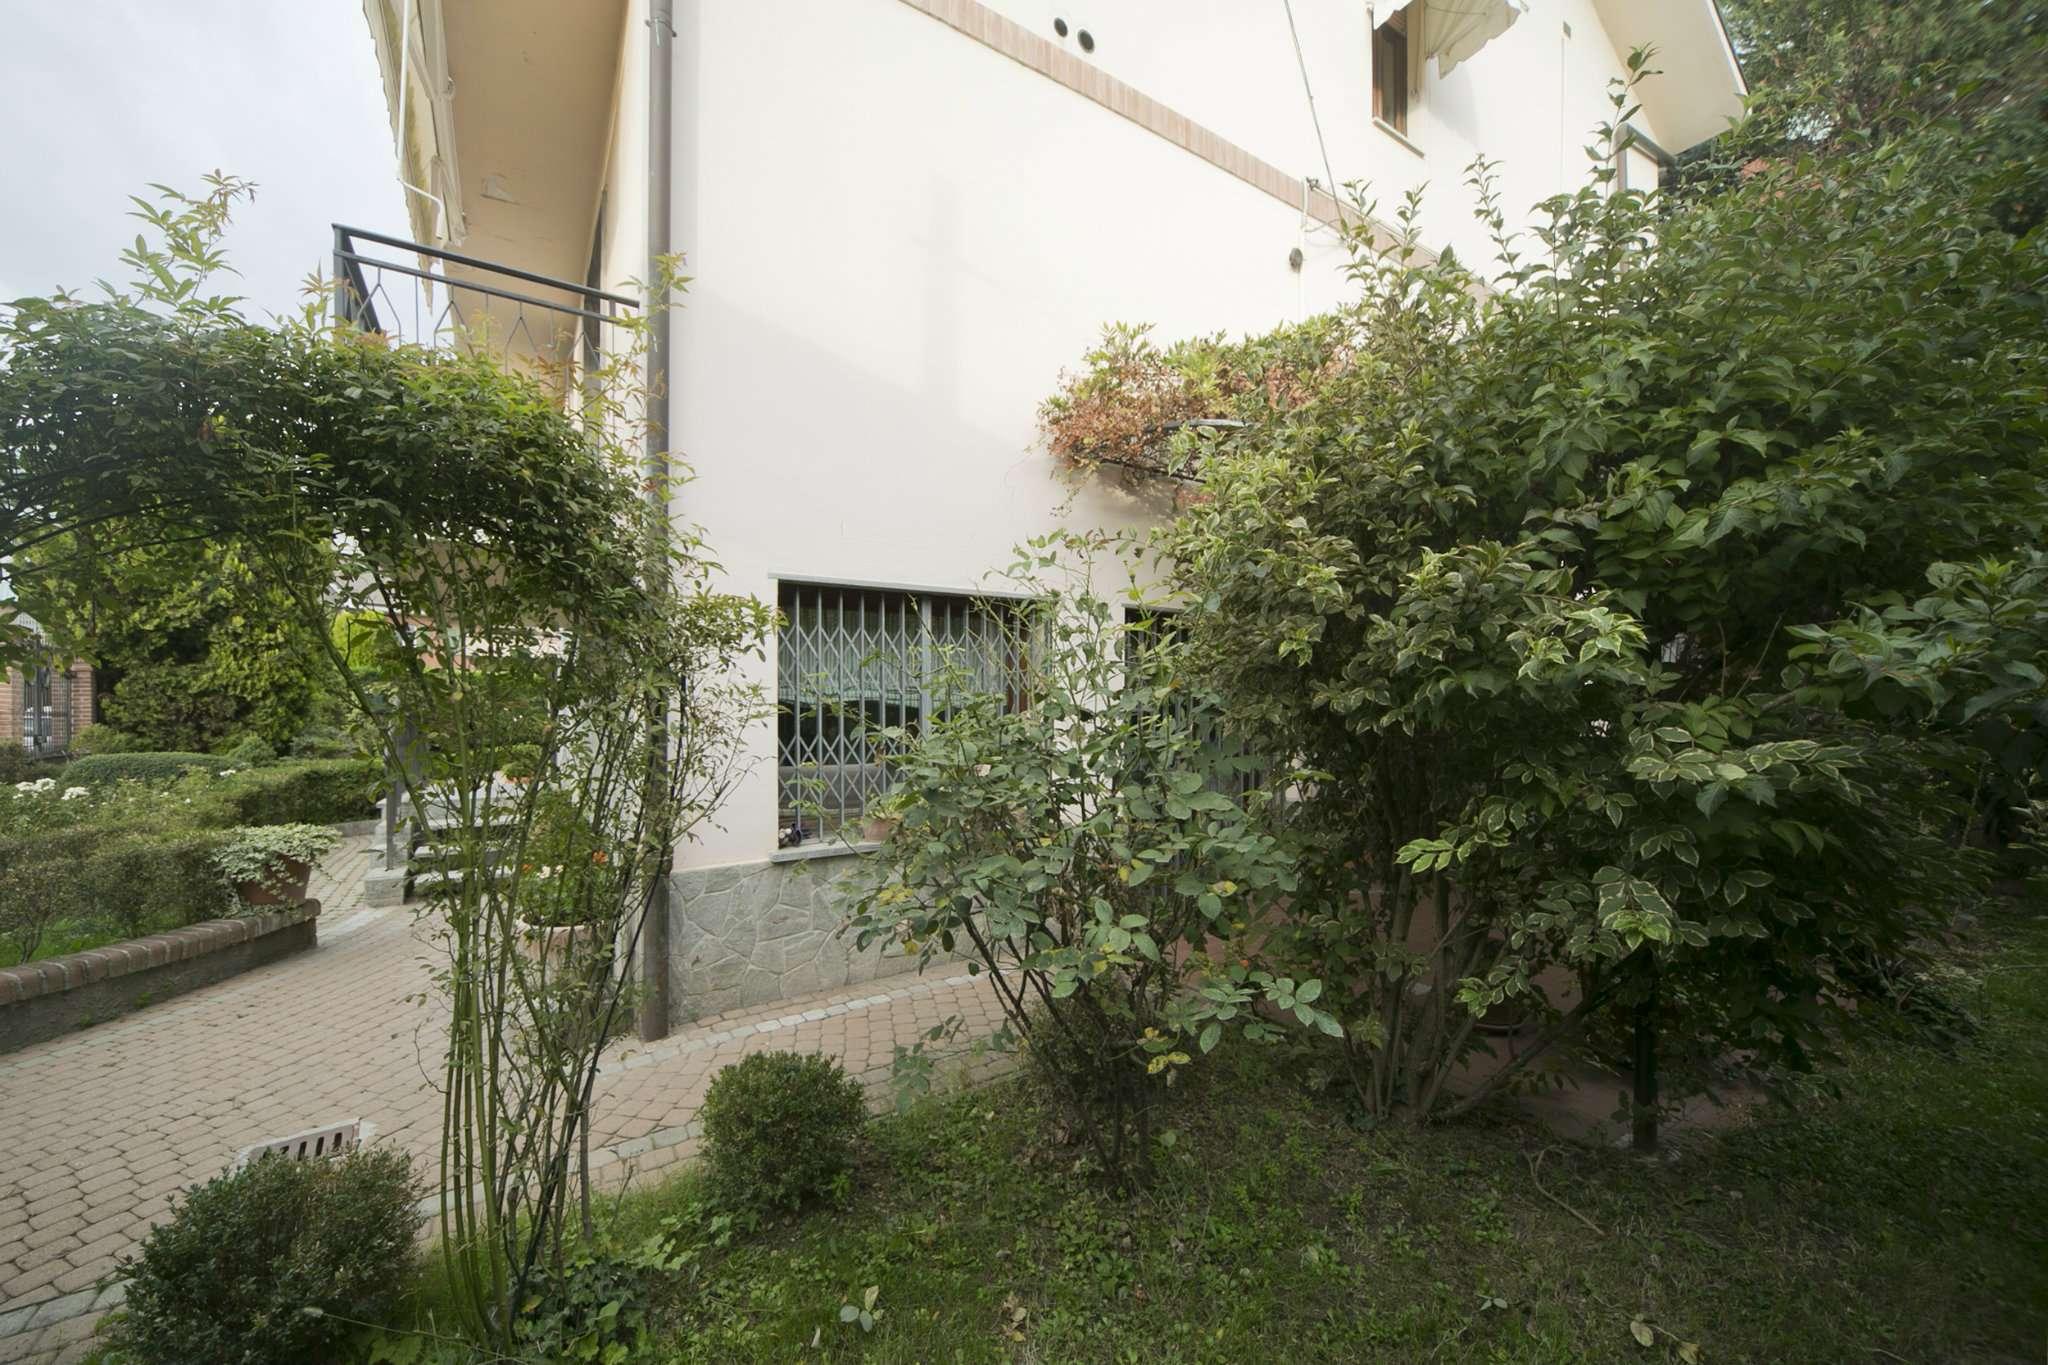 Casa indipendente con giardino pernigotti immobili - Case in affitto moncalieri con giardino ...